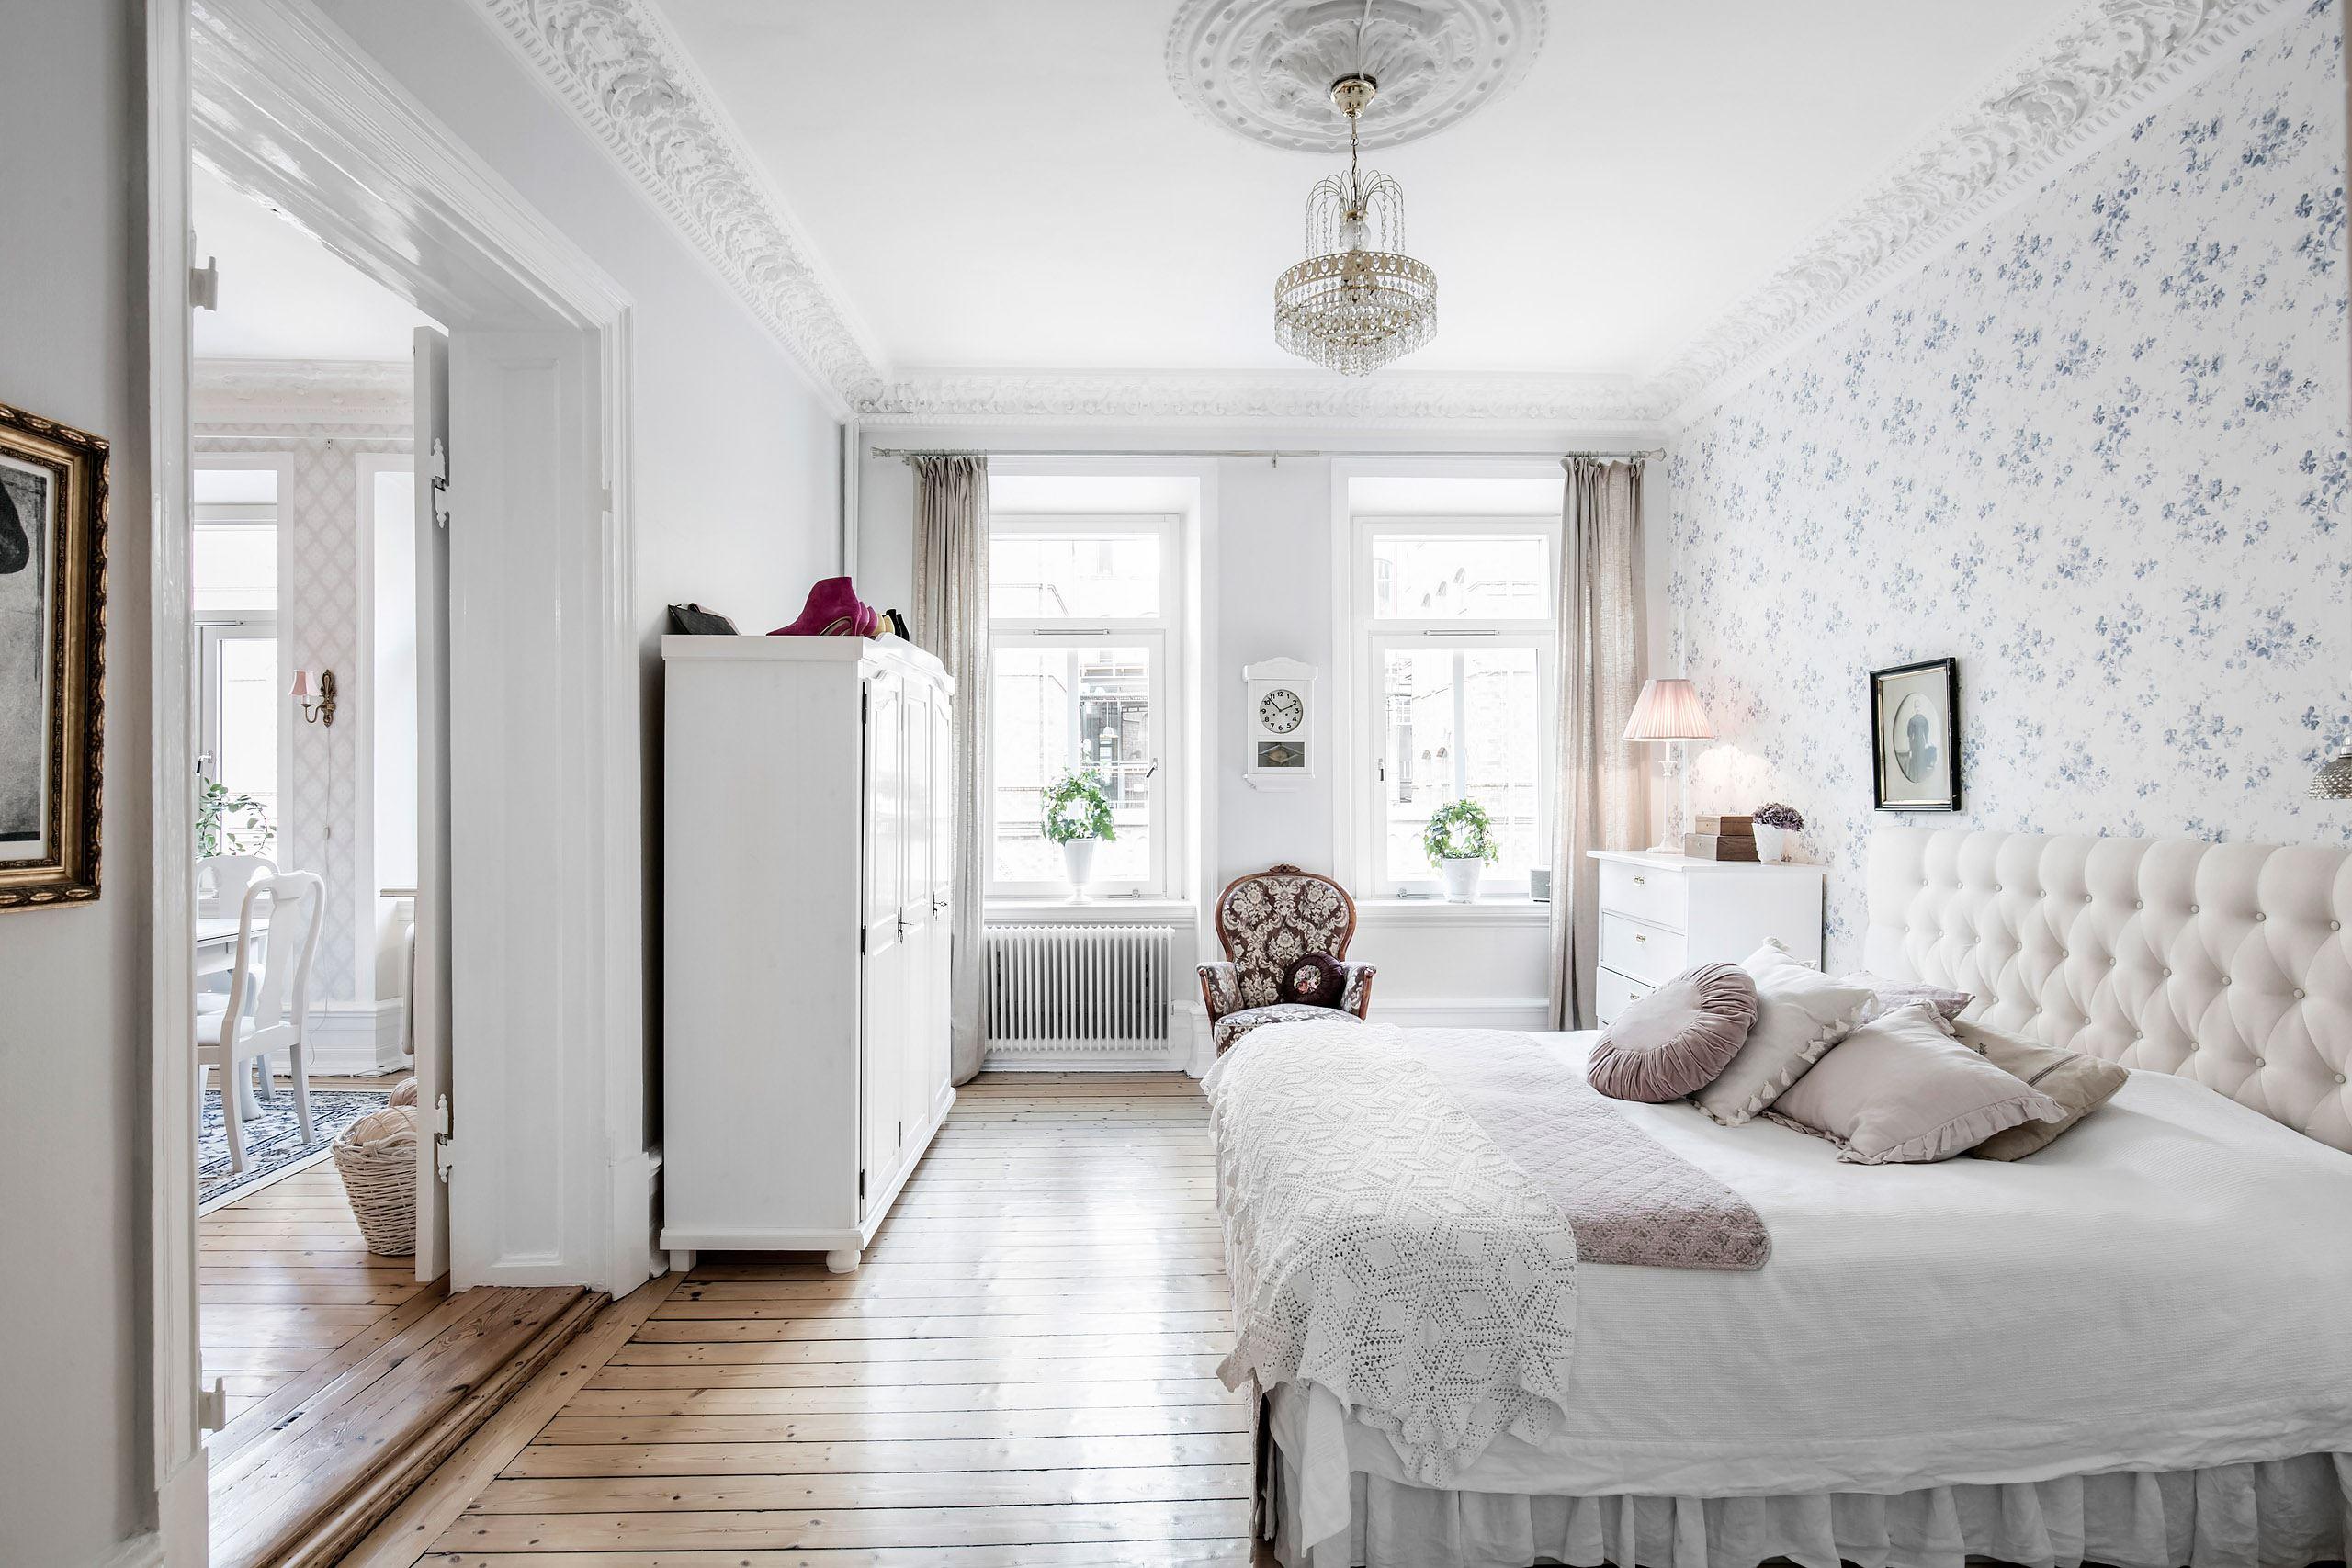 спальня кровать текстиль изголовье с утюжками обои лепнина потолочный карниз розетка